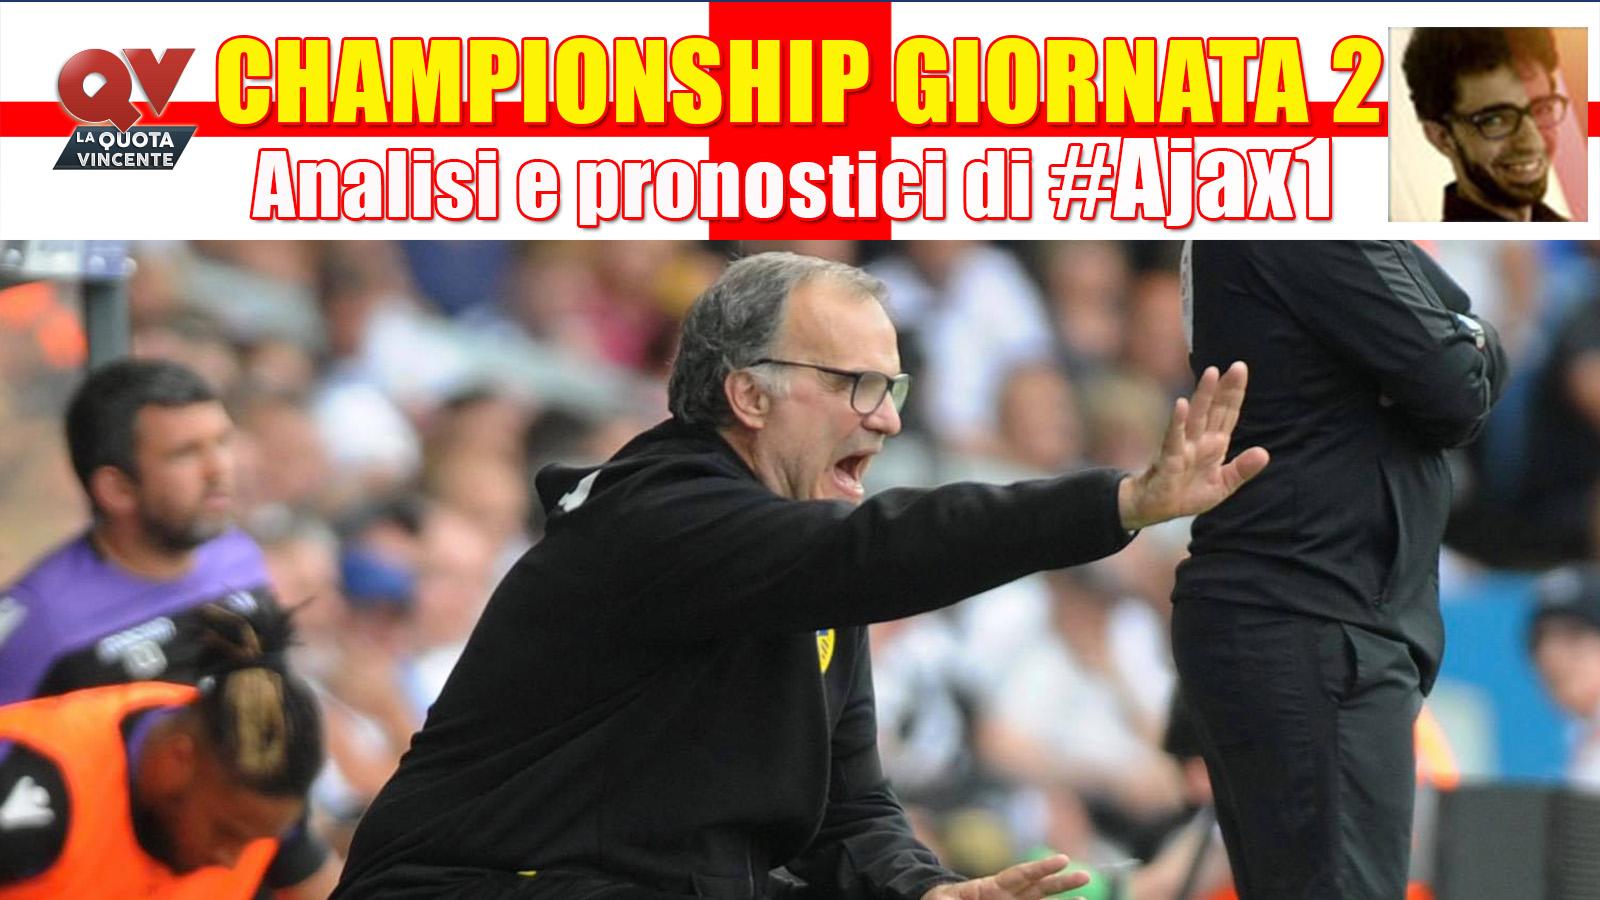 Championship Giornata 2